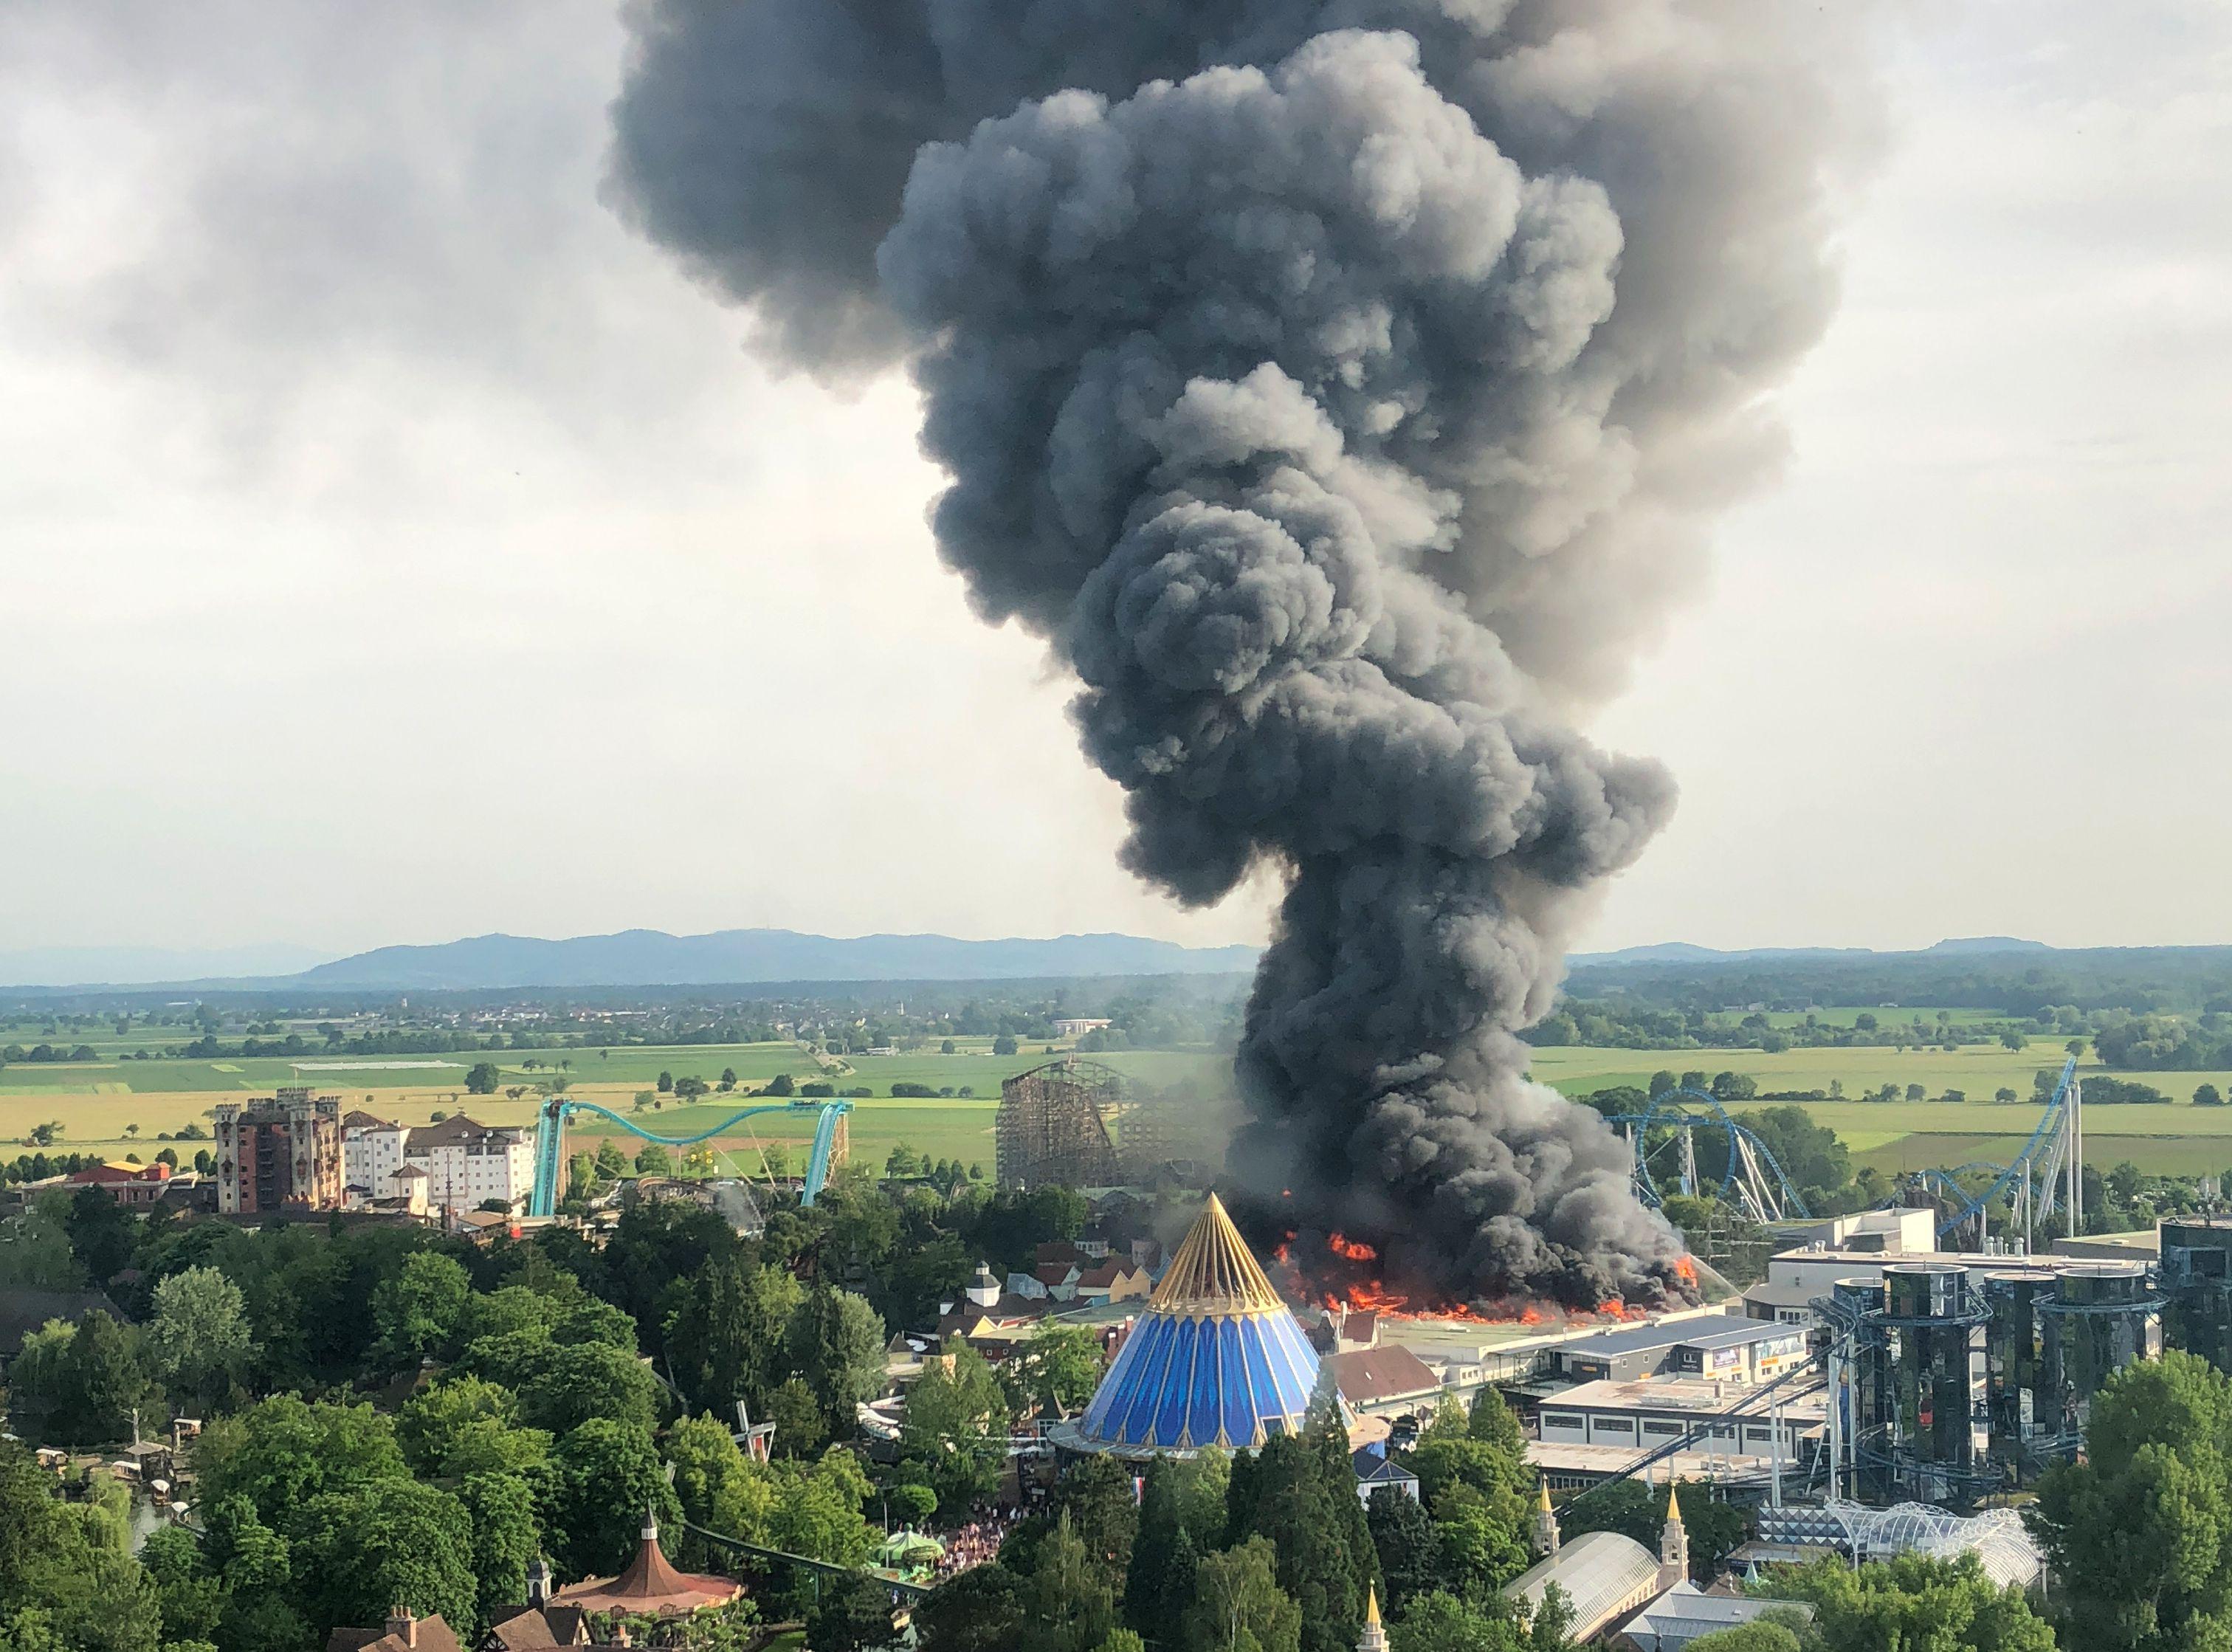 أعمدة من الدخان تخرج من الحريق